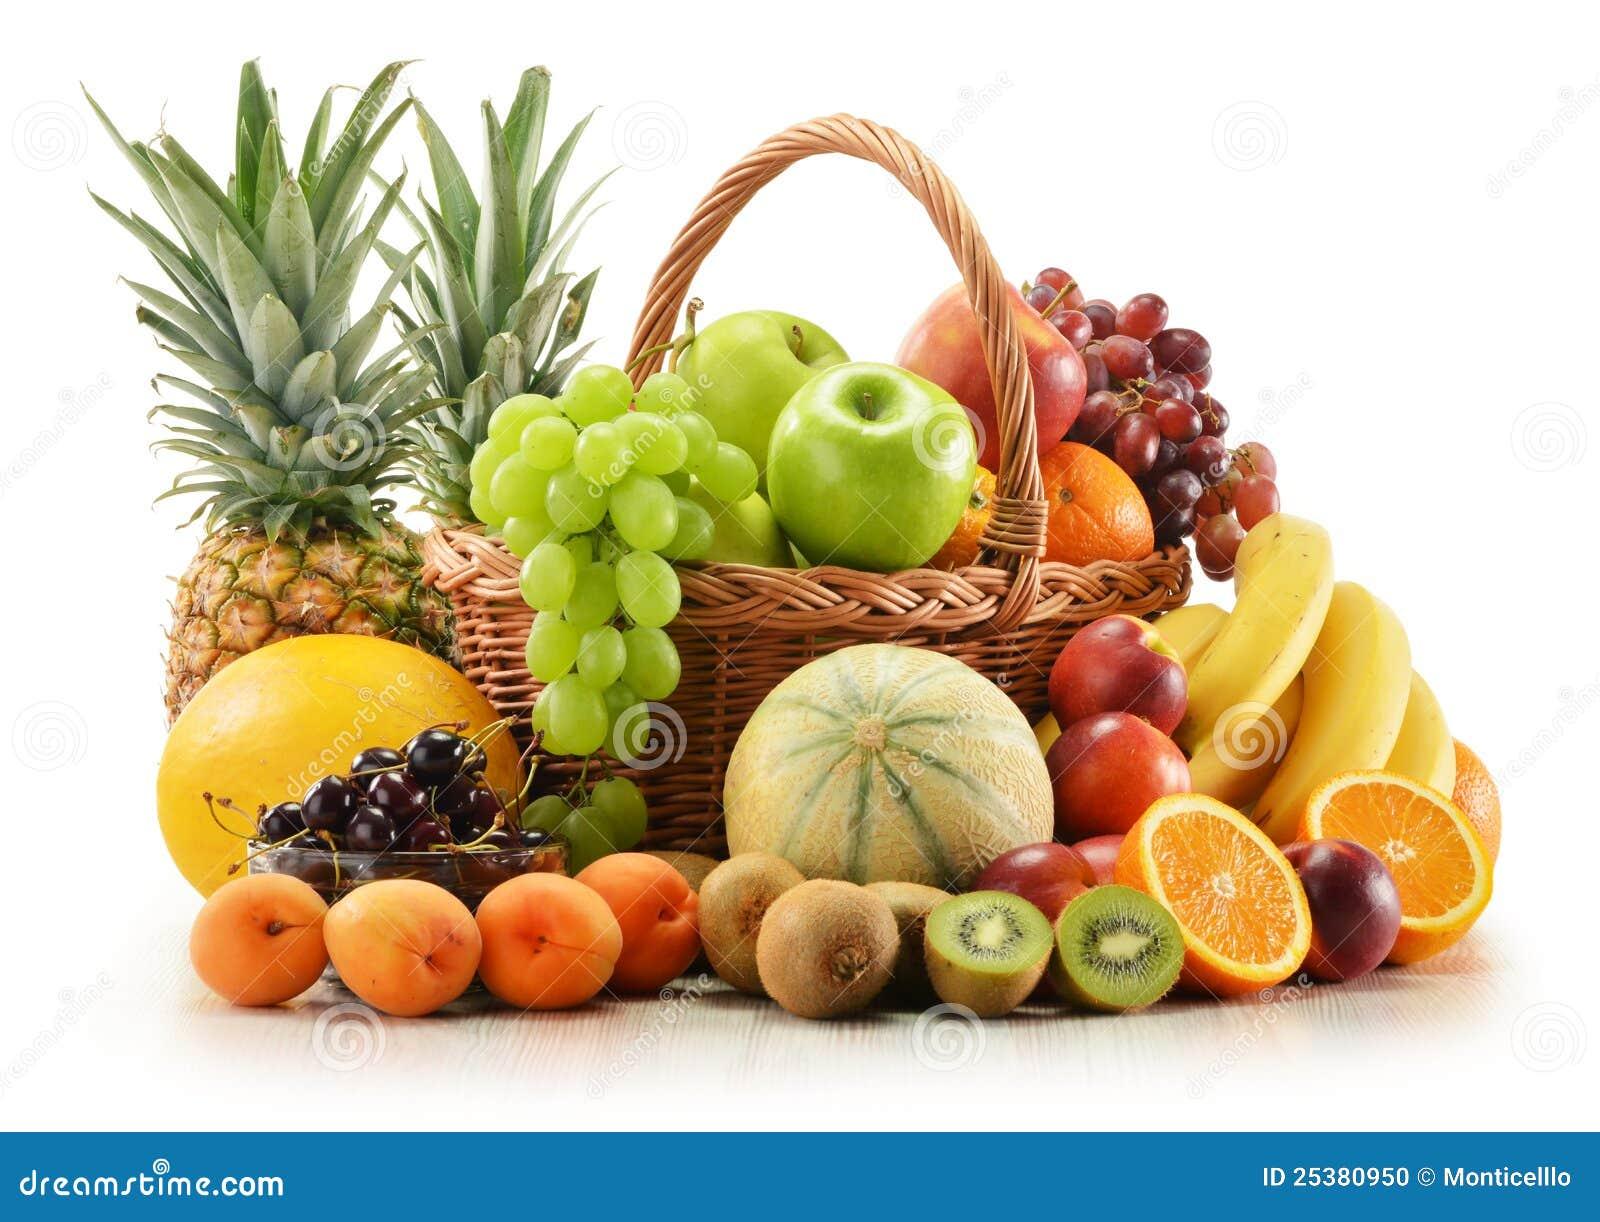 composition avec les fruits assortis dans le panier en. Black Bedroom Furniture Sets. Home Design Ideas